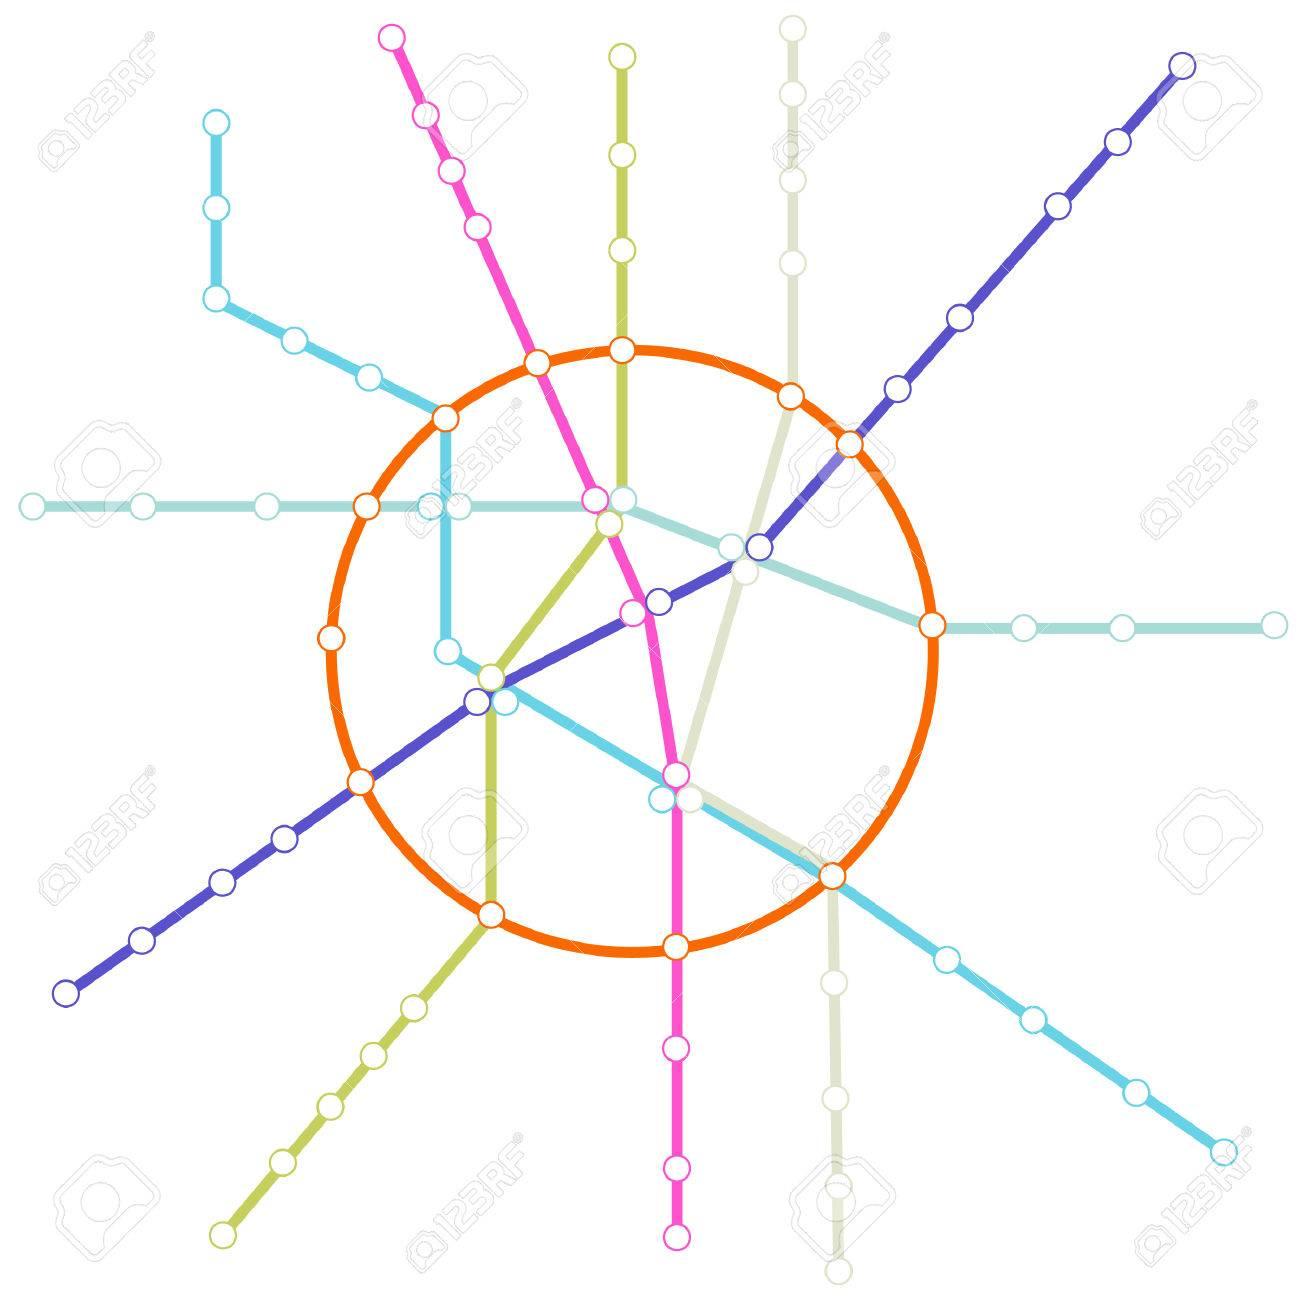 地下鉄の路線図のイラスト素材ベクタ Image 6073044